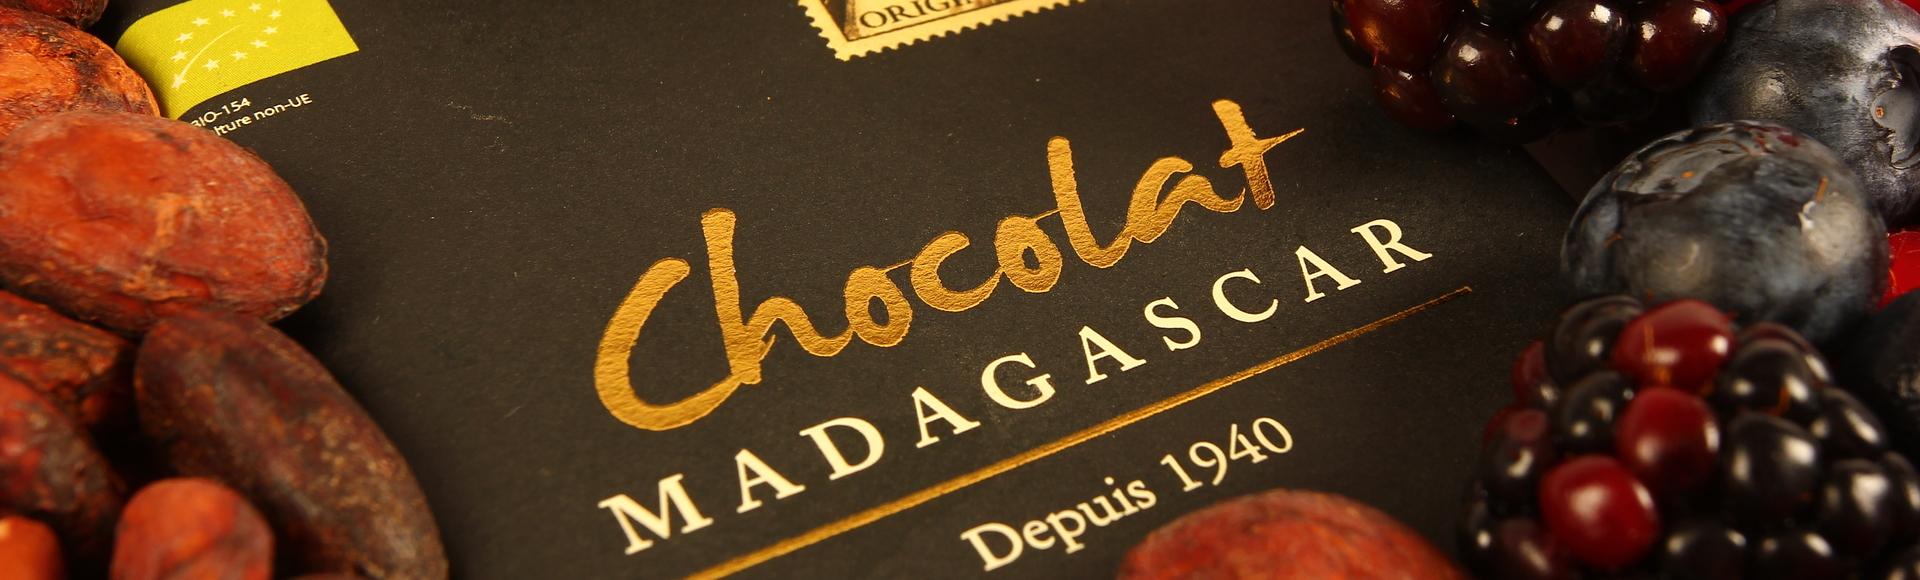 Die größte Schokolade Auswahl am Bodensee